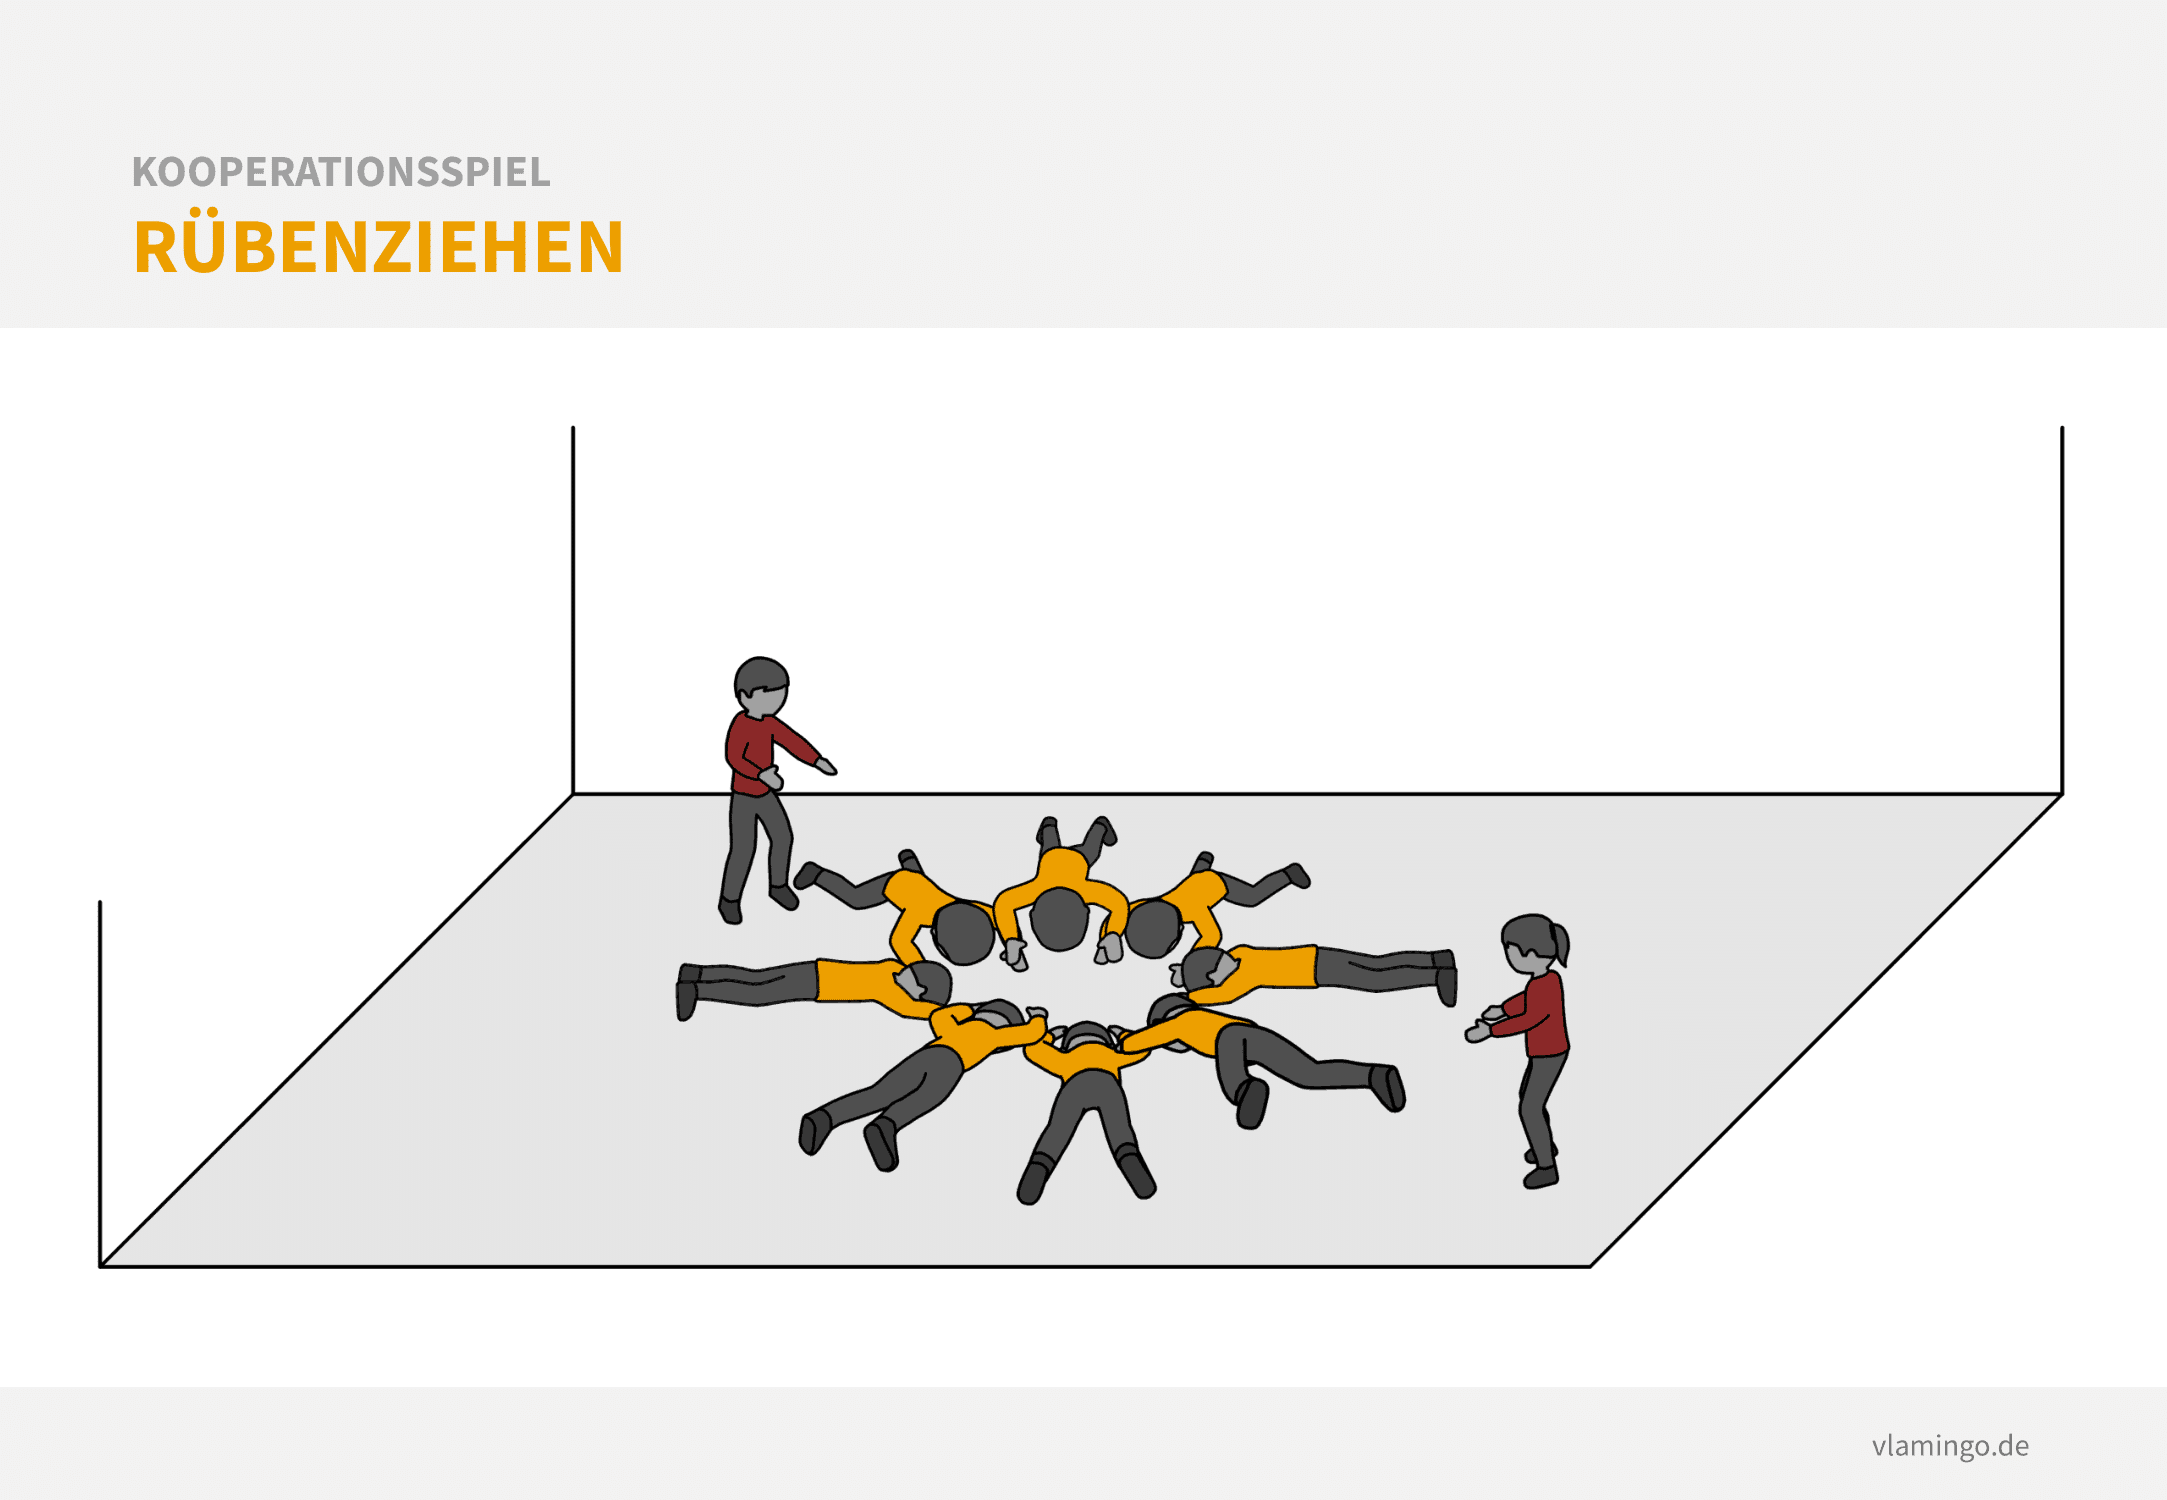 Kooperationsspiel: Rübenziehen